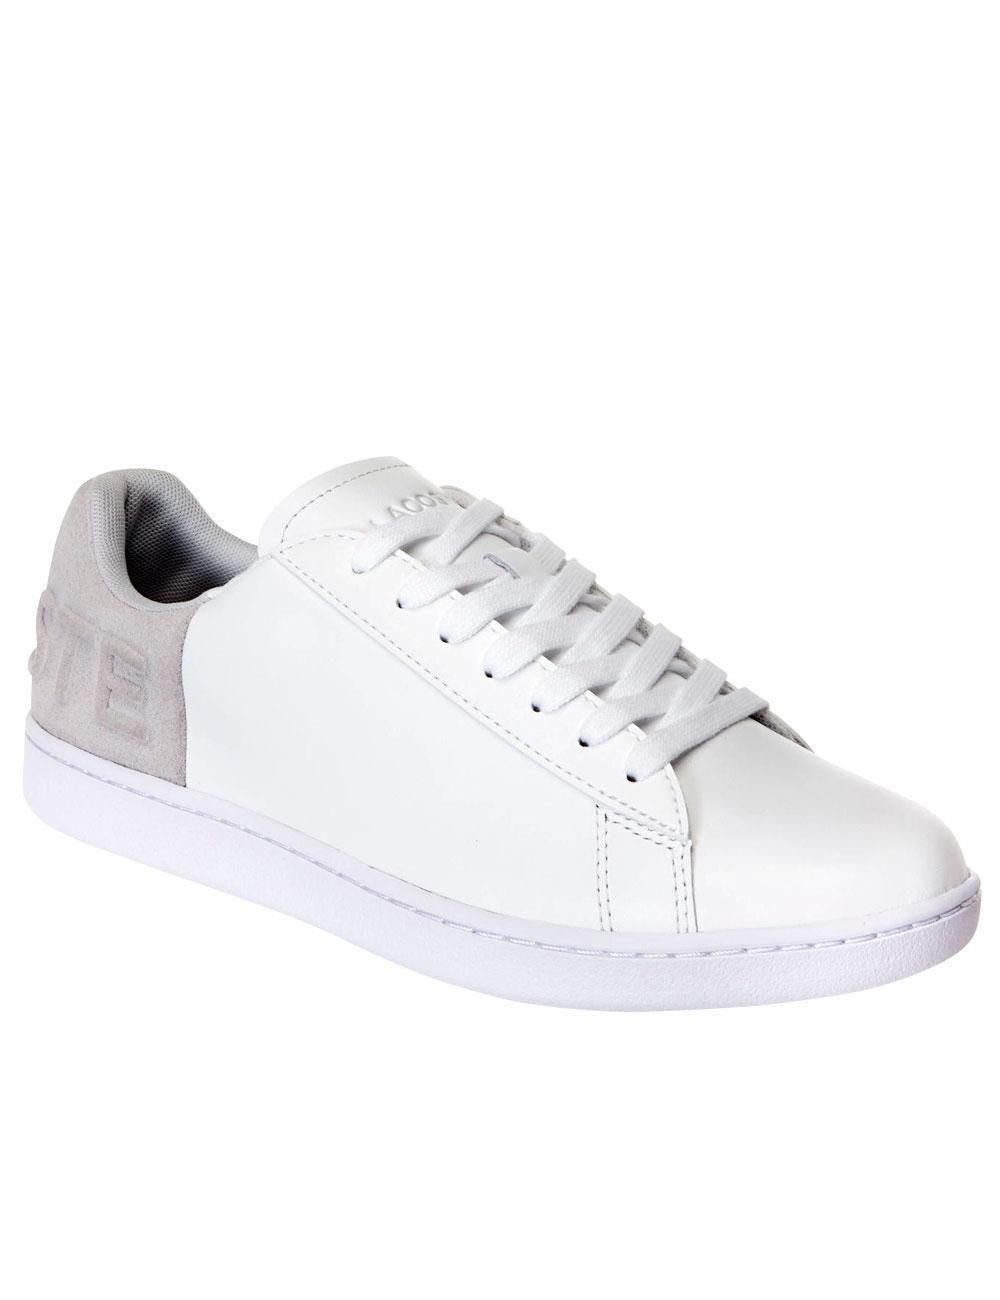 brand new 013b6 d9759 Damen Sneakers Lacoste, weiss/grau